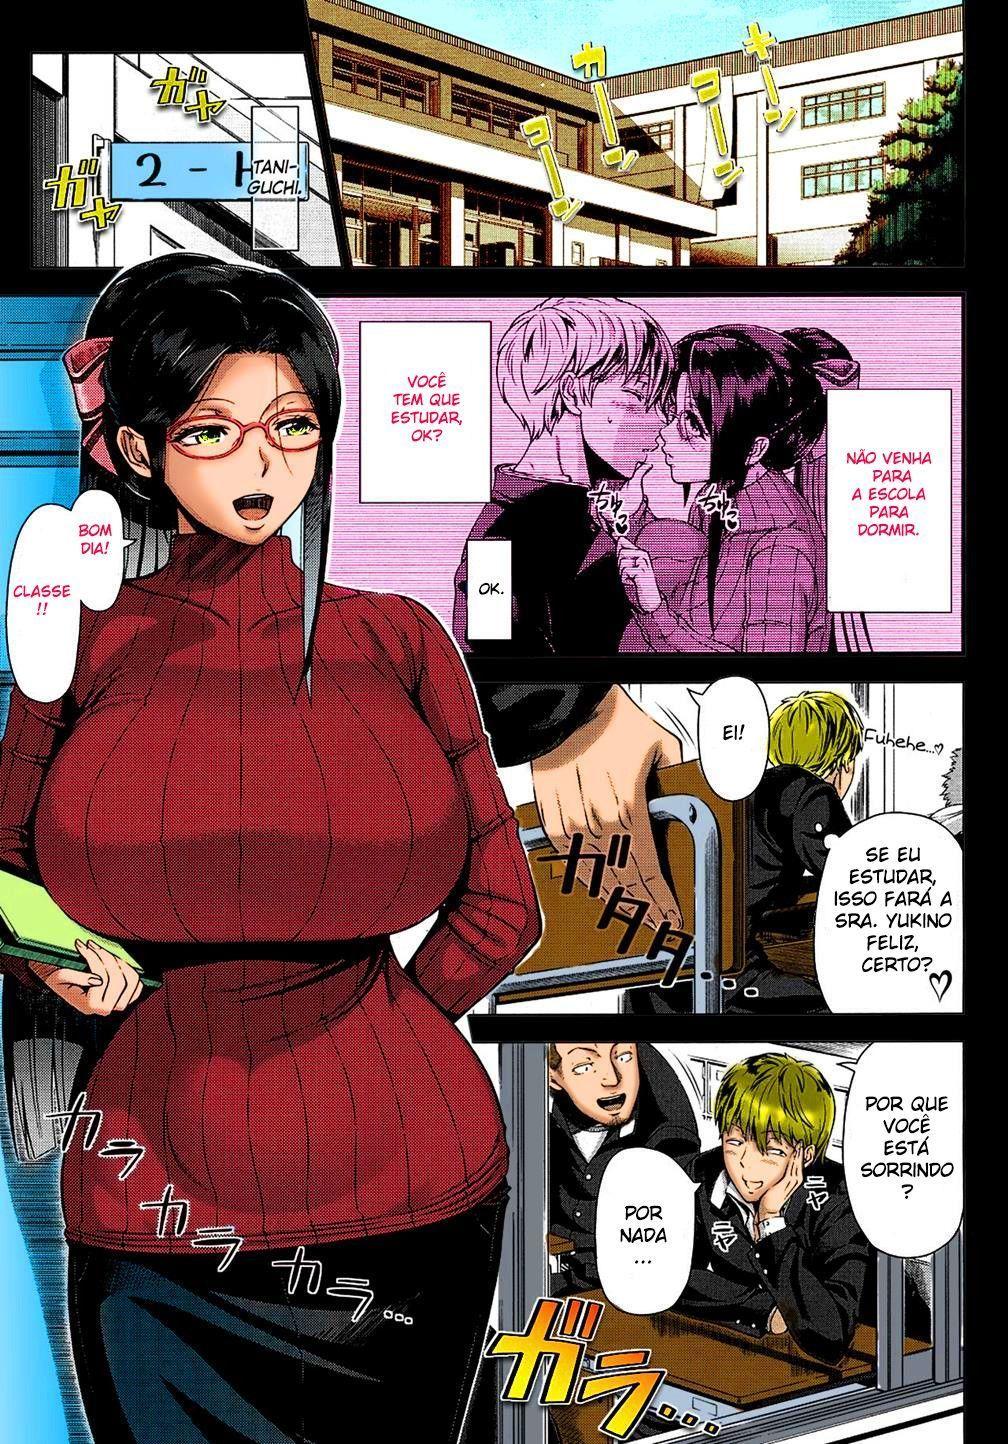 a professora de educacao sexual 3